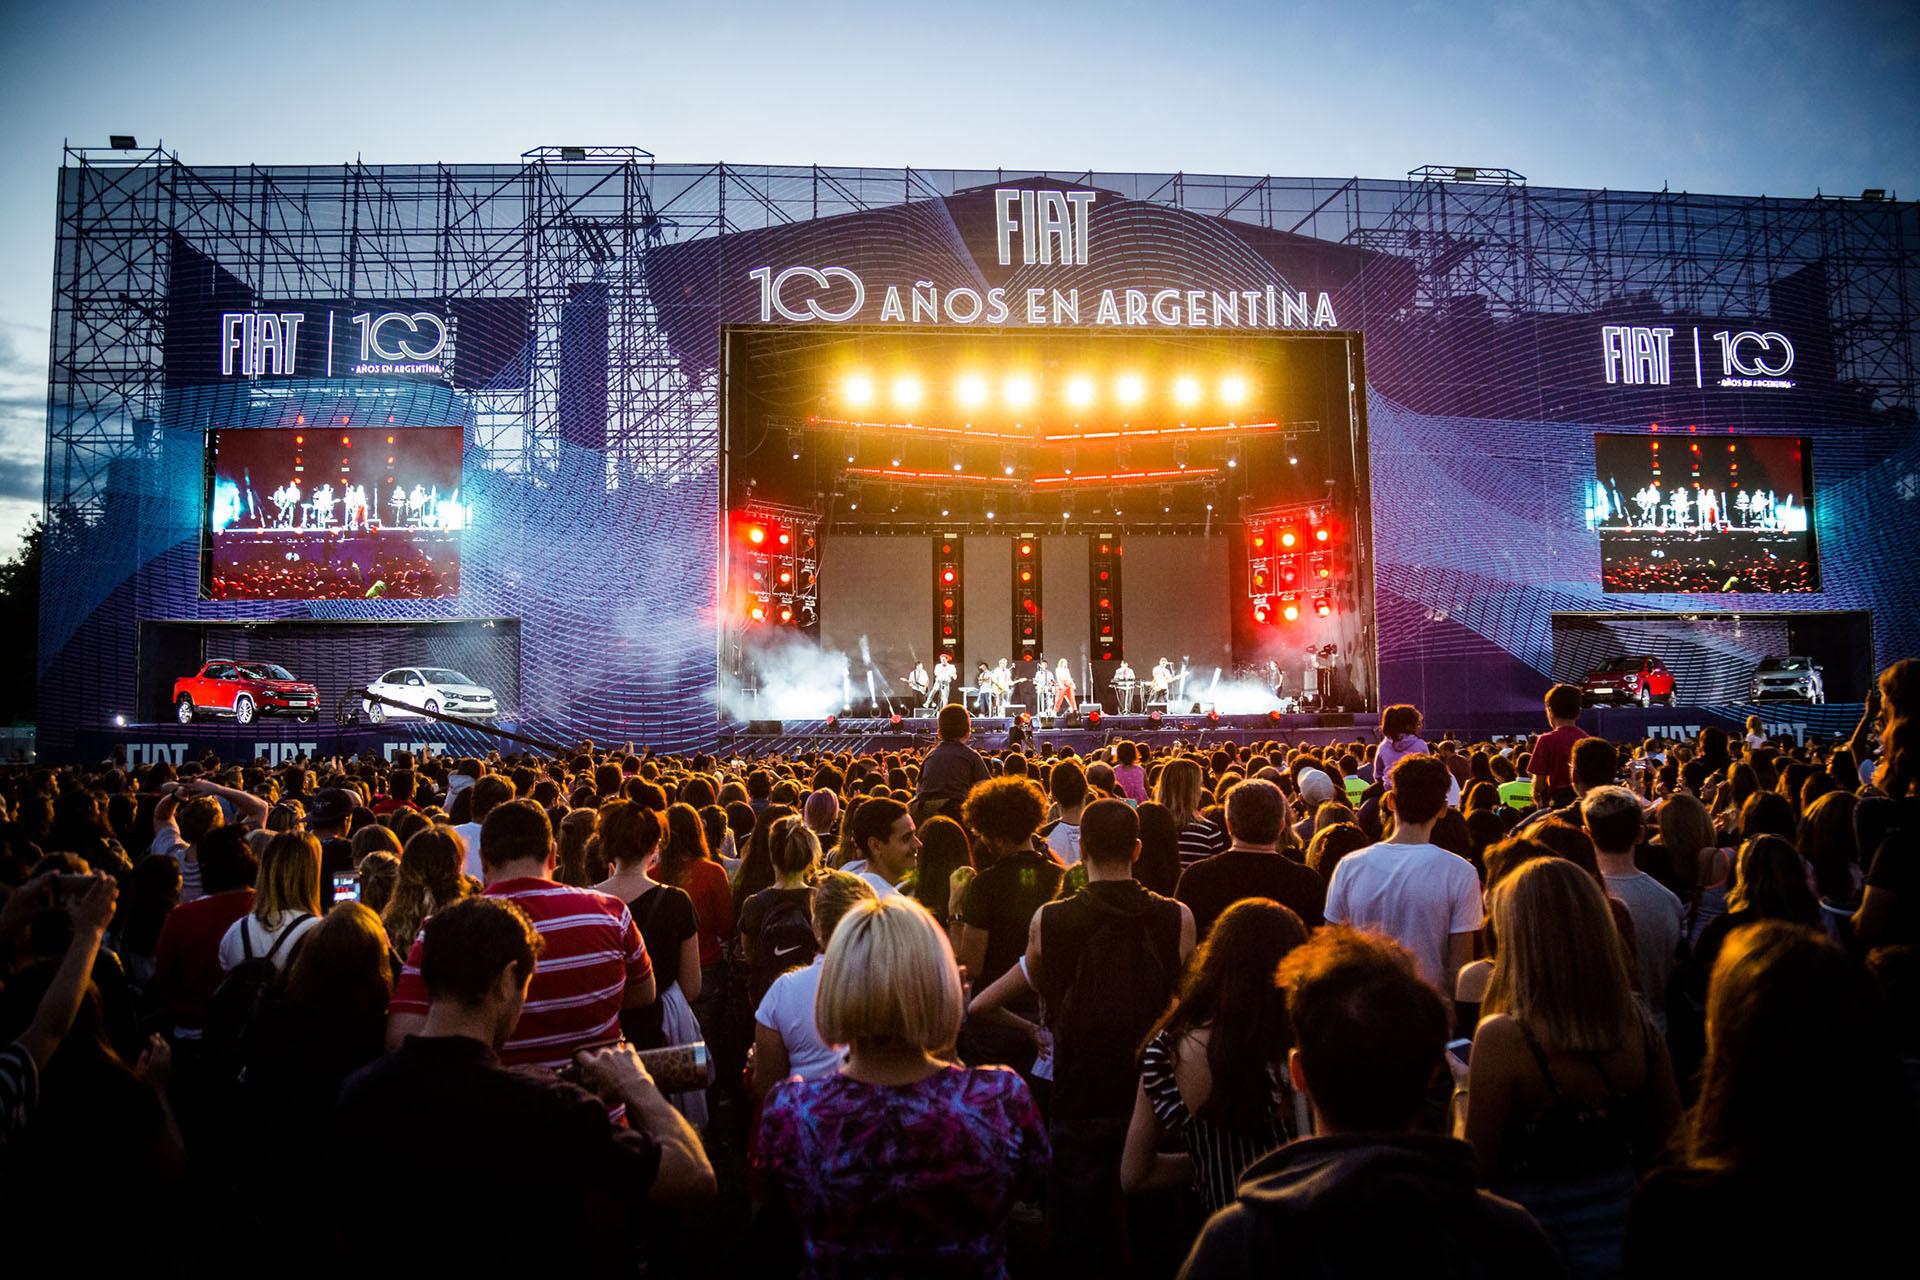 El gran escenario para el festejo de los 100 años de Fiat en la Argentina